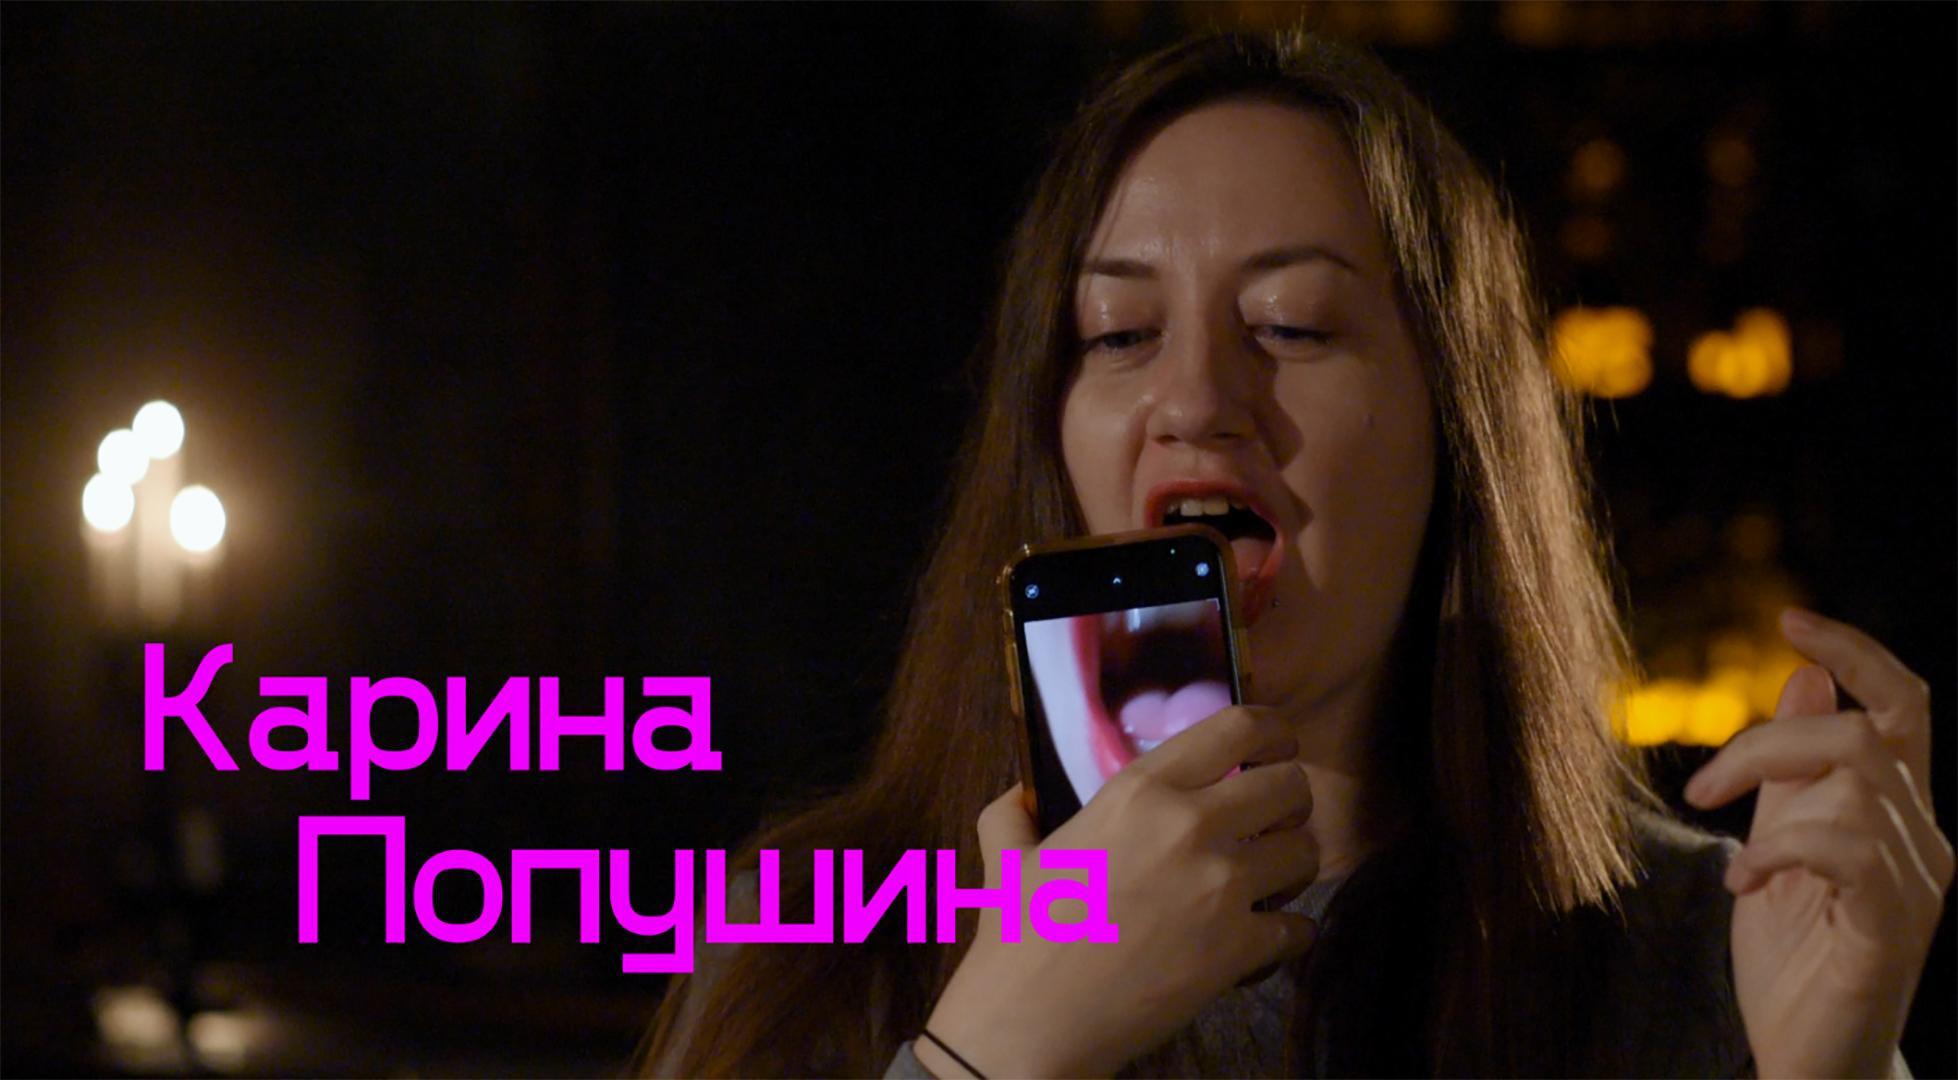 Карина Попушина